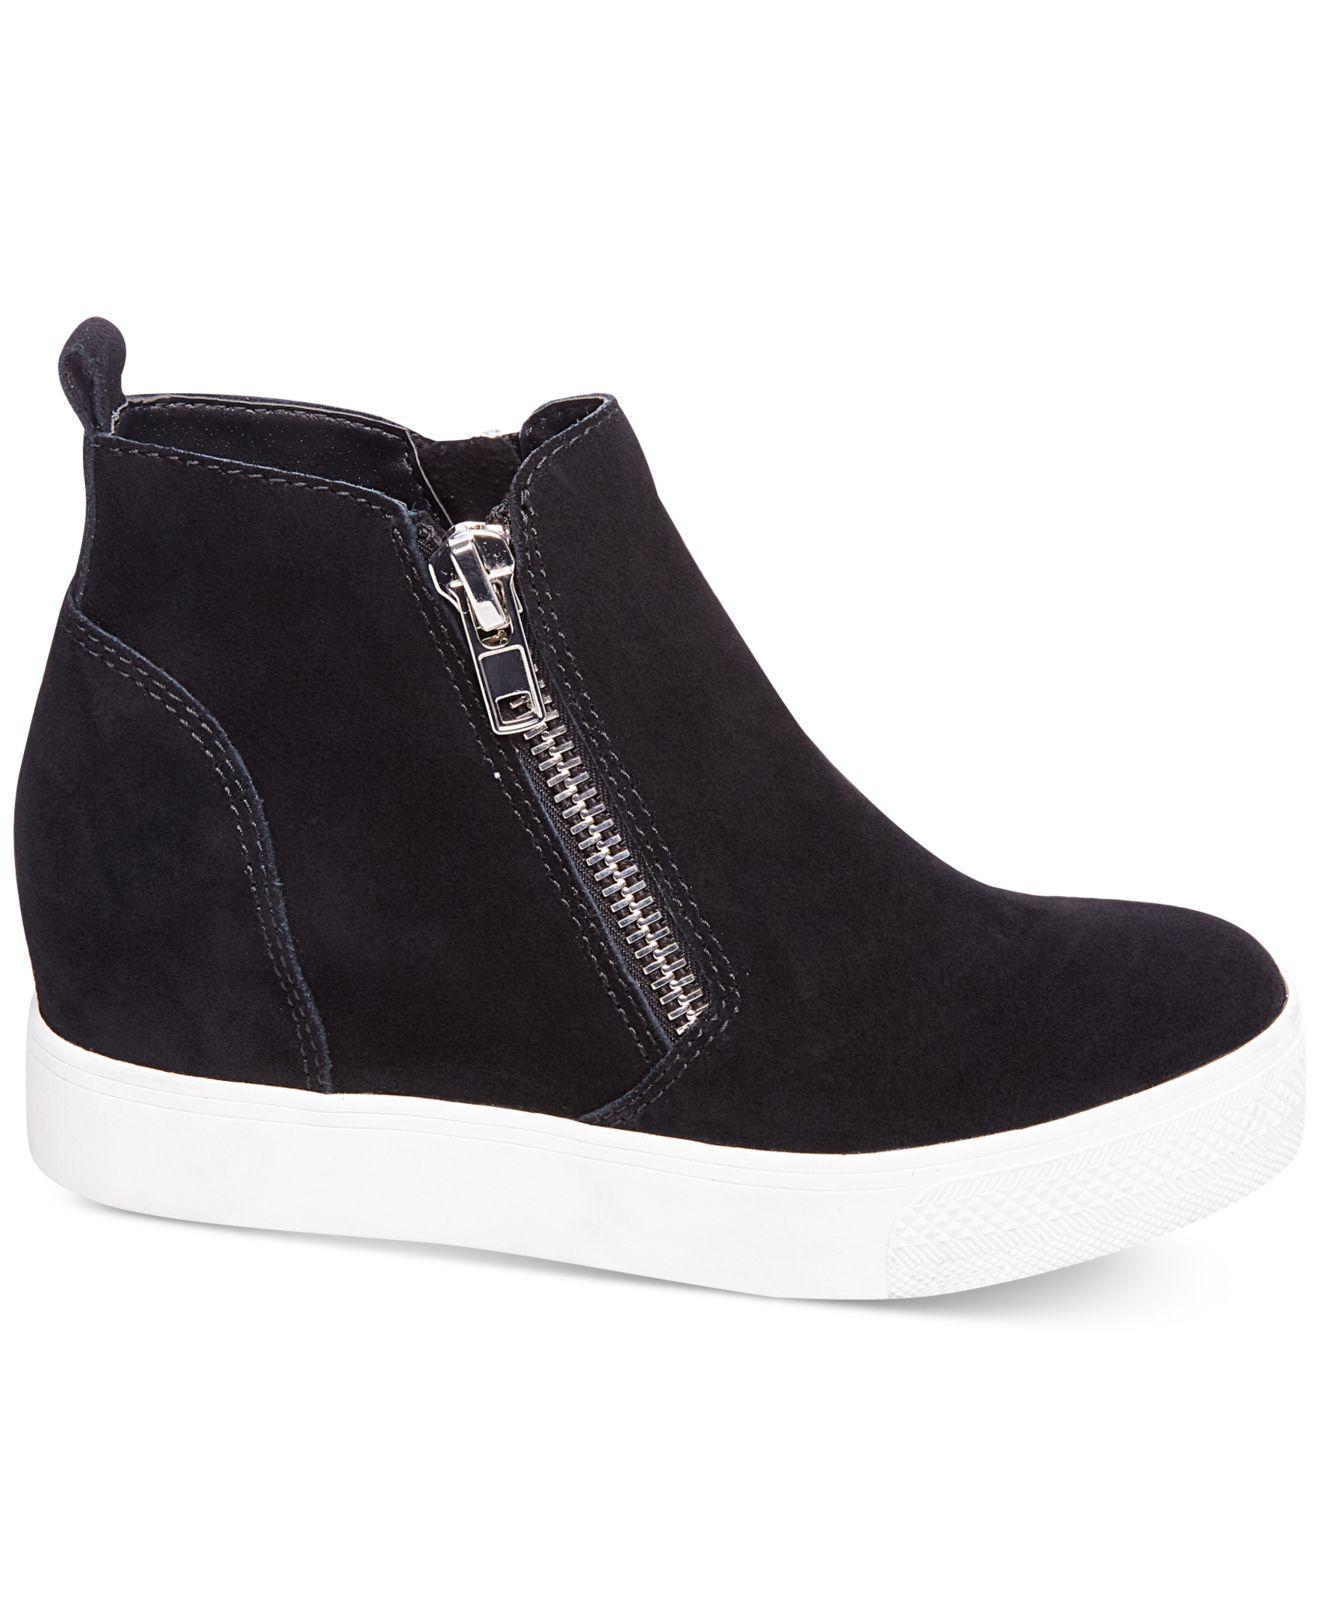 b4bd8ed7c74 Lyst - Steve Madden Women s Wedgie Wedge Sneakers in Black